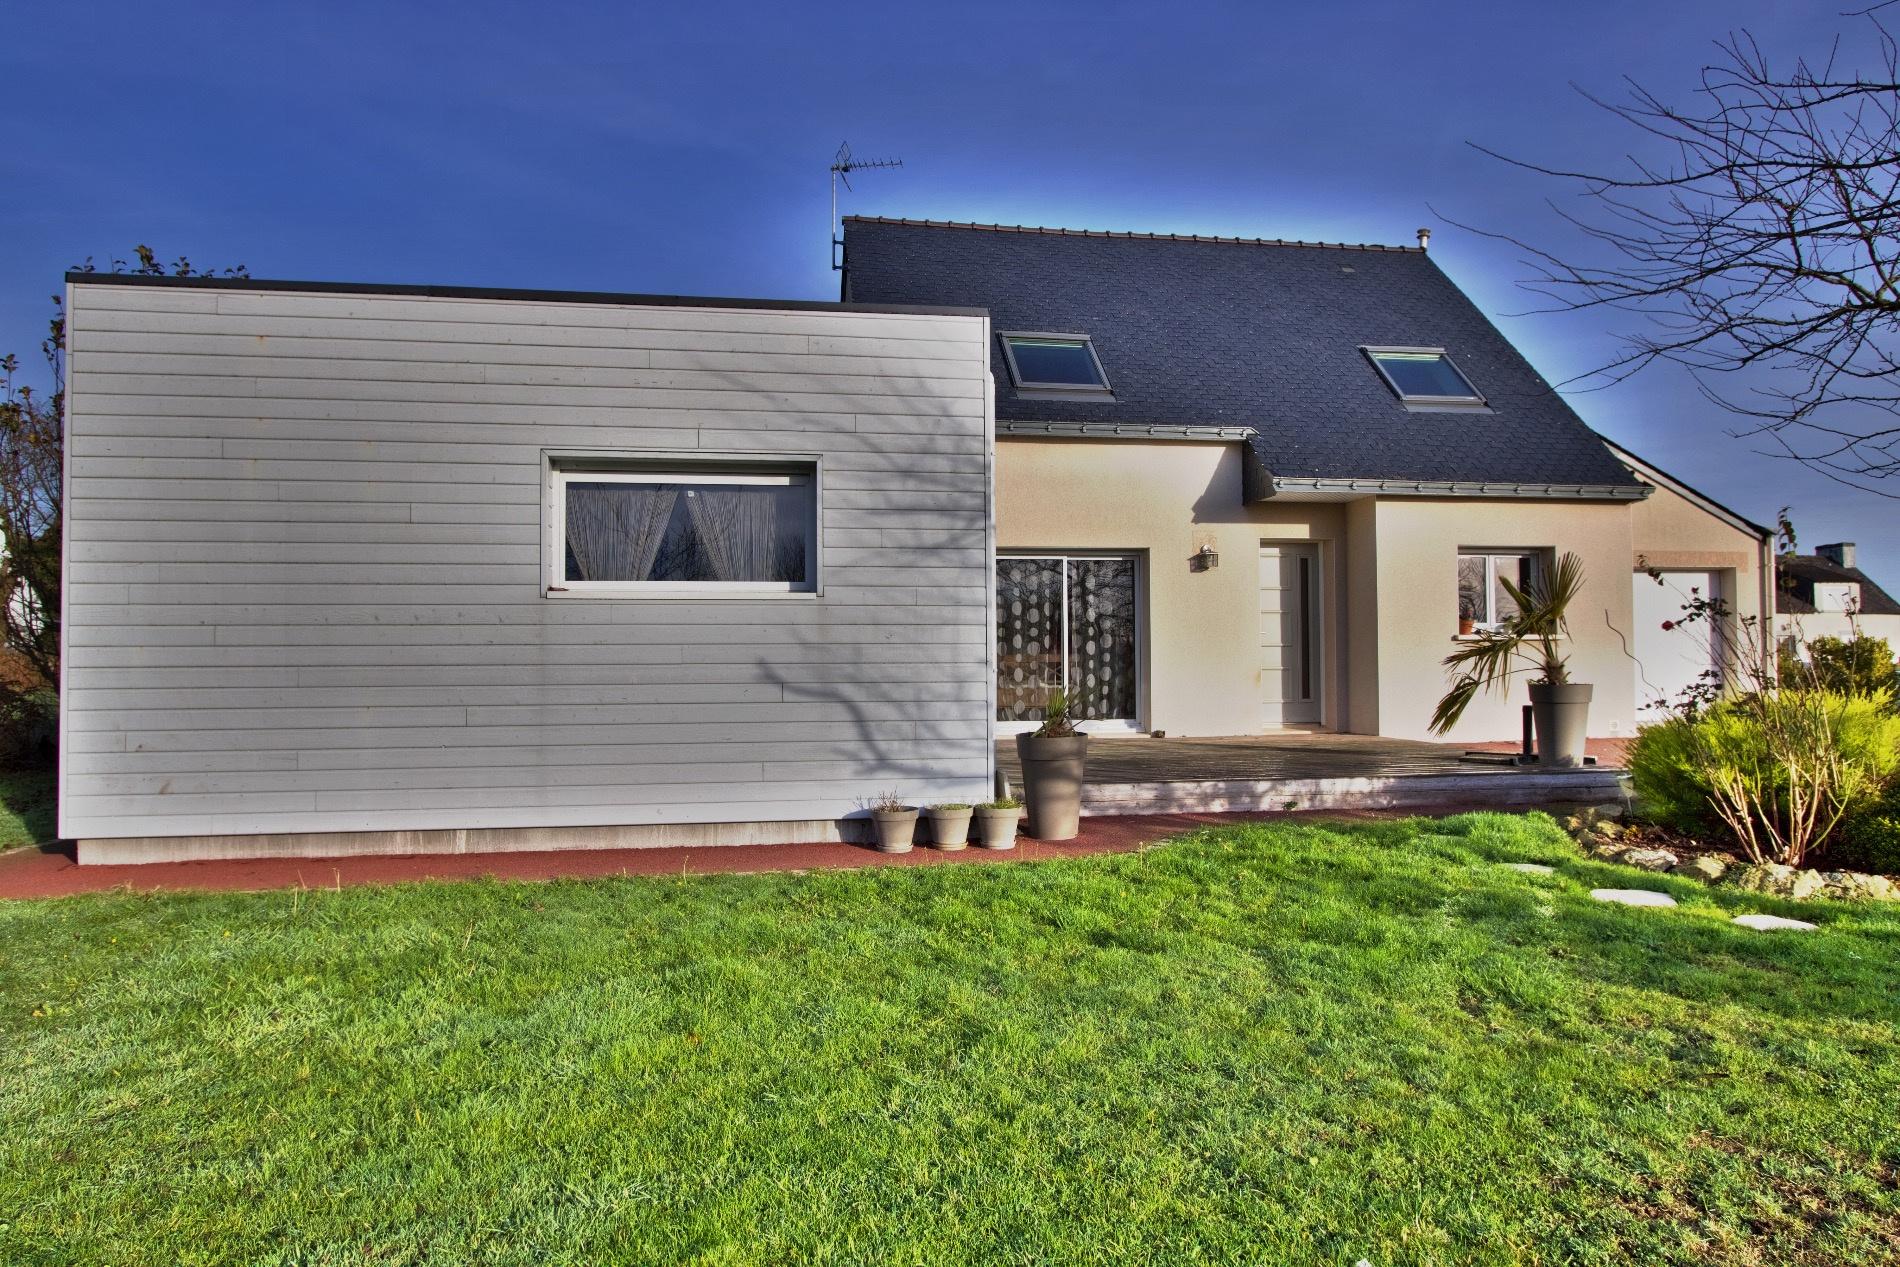 Vente le trevoux maison neuve sans travaux for Maison neuve vente